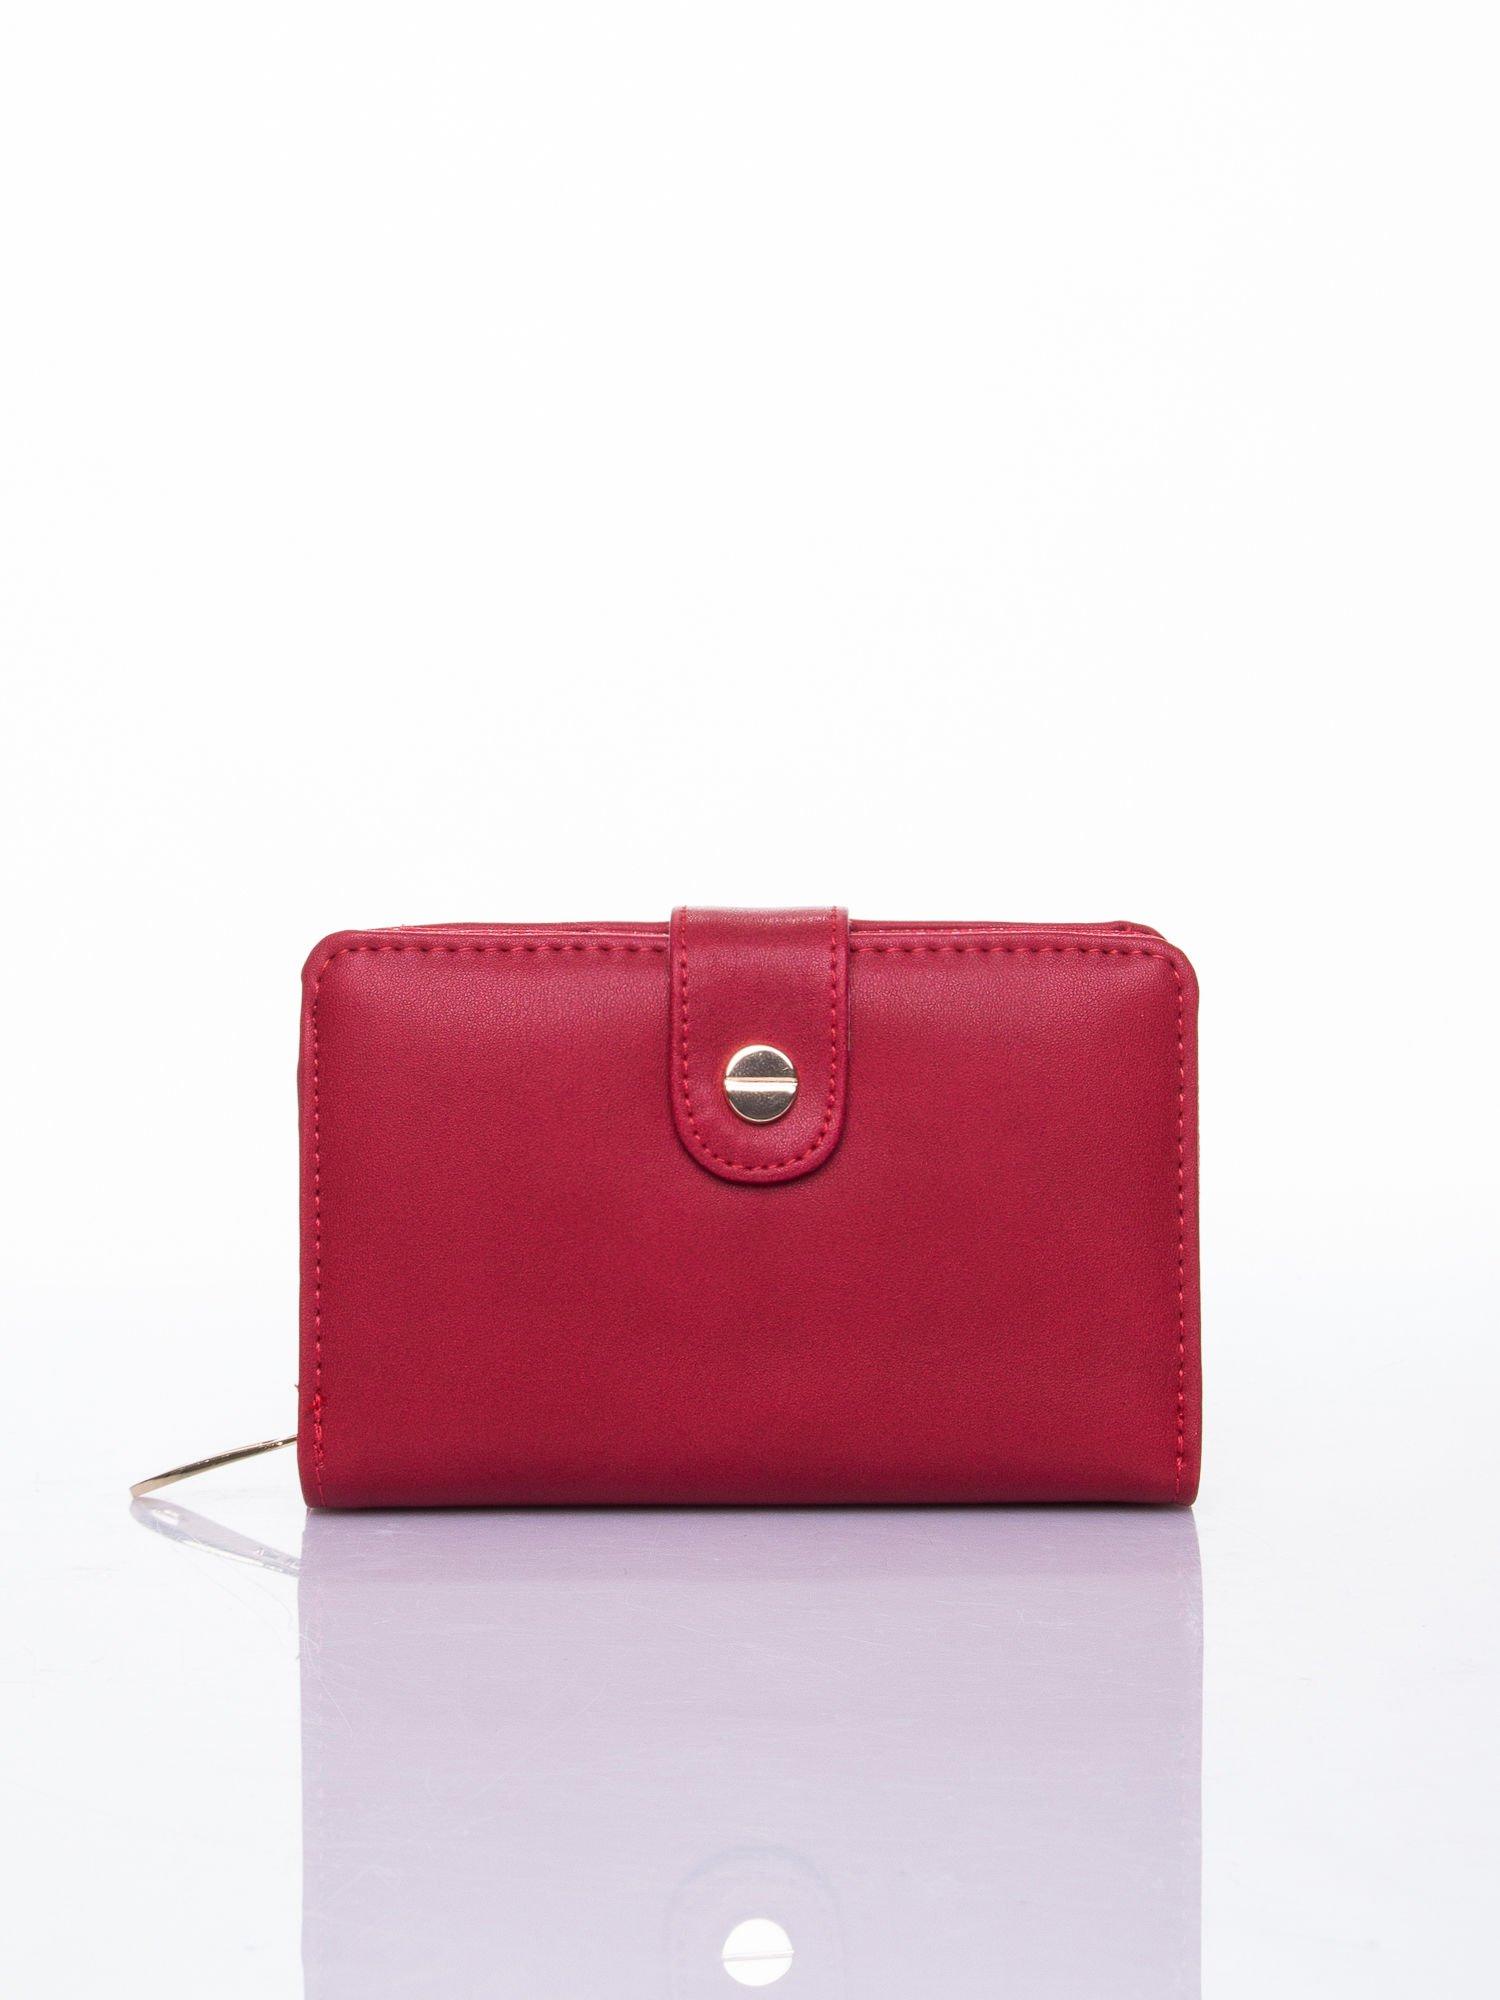 Czerwony portfel z zatrzaskiem                                  zdj.                                  1